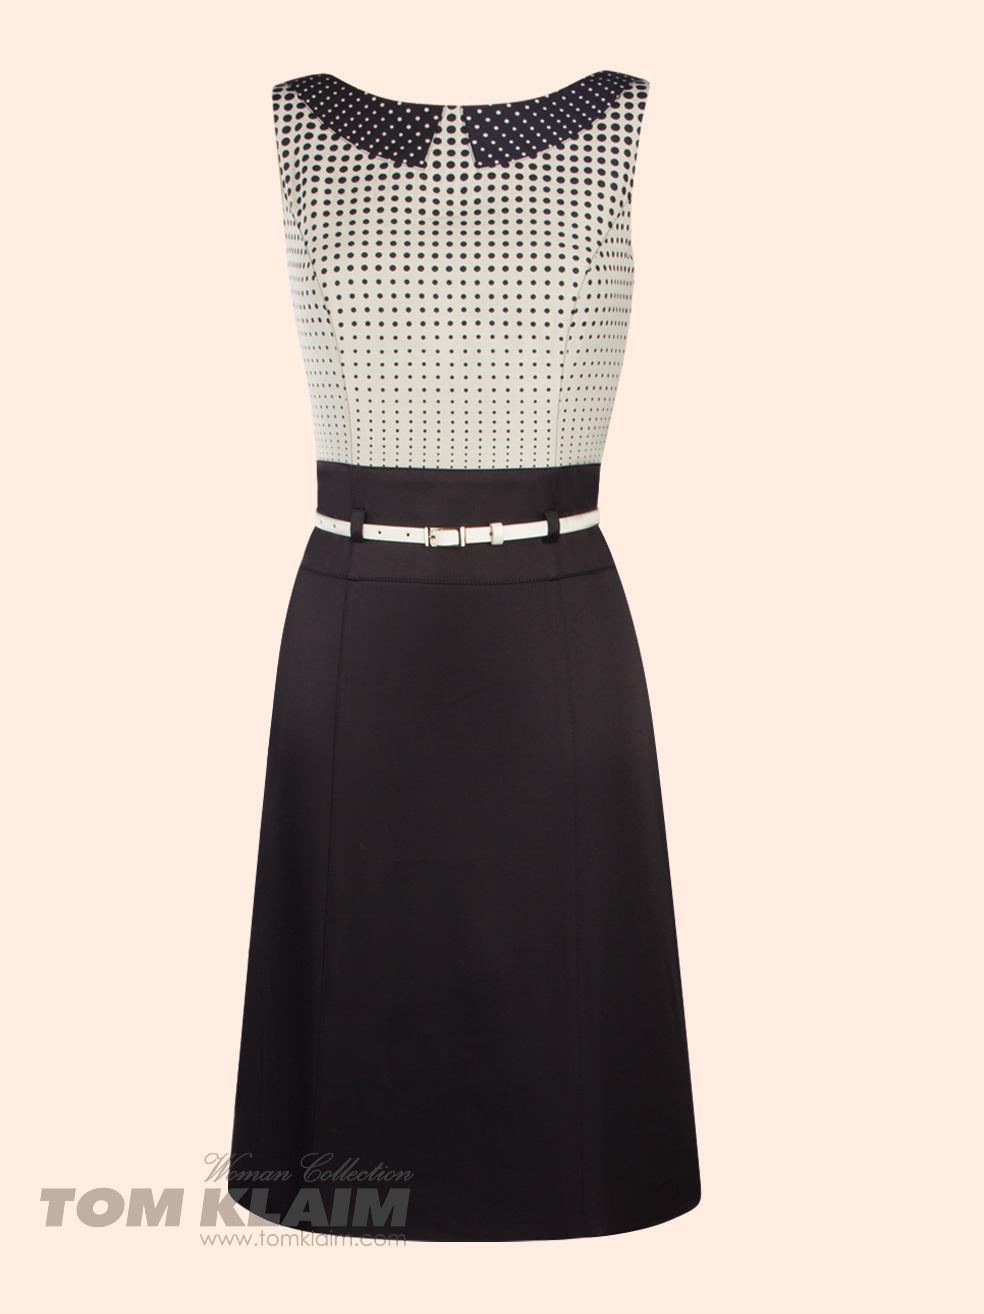 Женская Одежда Том Клайм С Доставкой